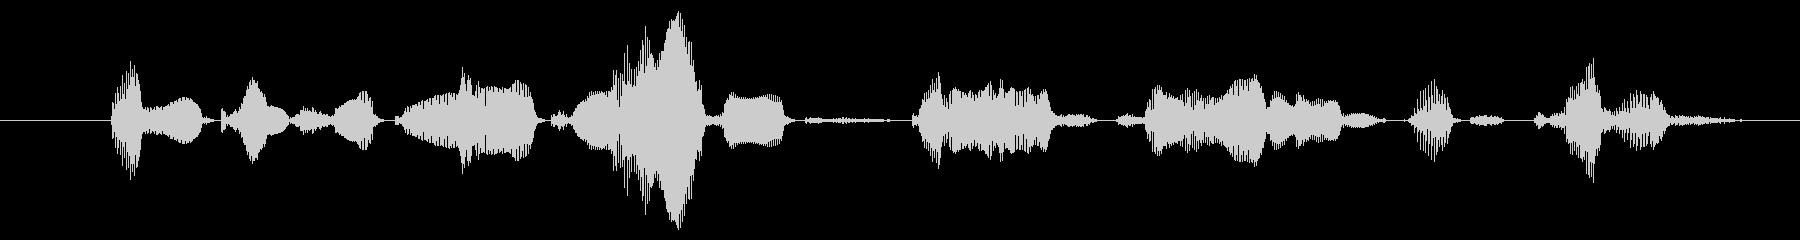 鳴き声 男性祈るラテン01の未再生の波形